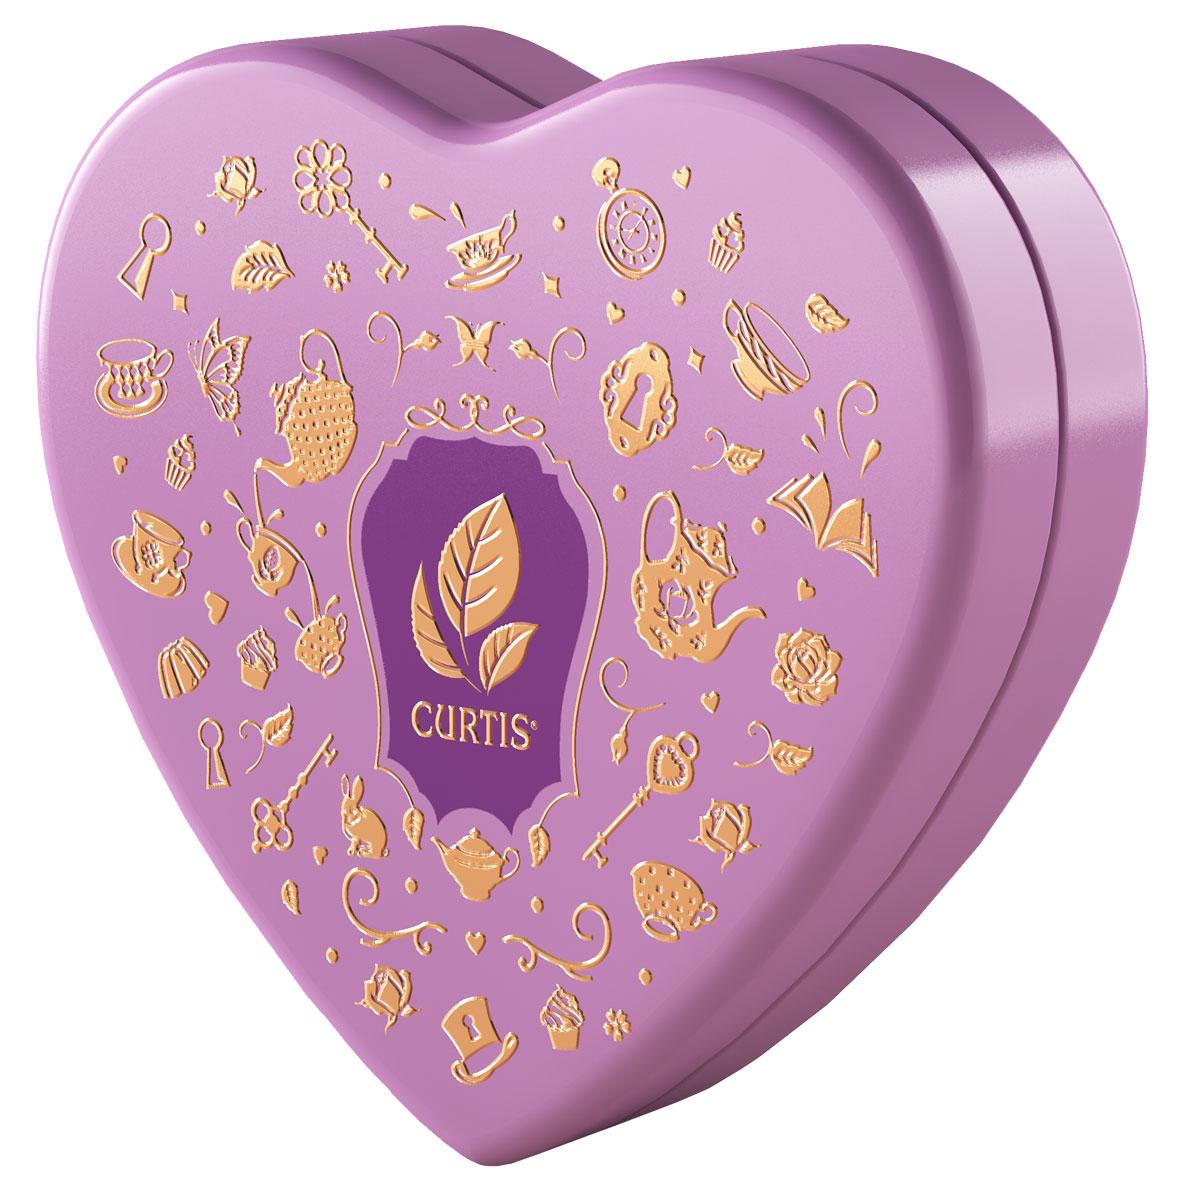 Curtis Wonderland Collection Sweet Heart чай черный ароматизированный, цвет коробки сиреневый, 40 г цена 2017